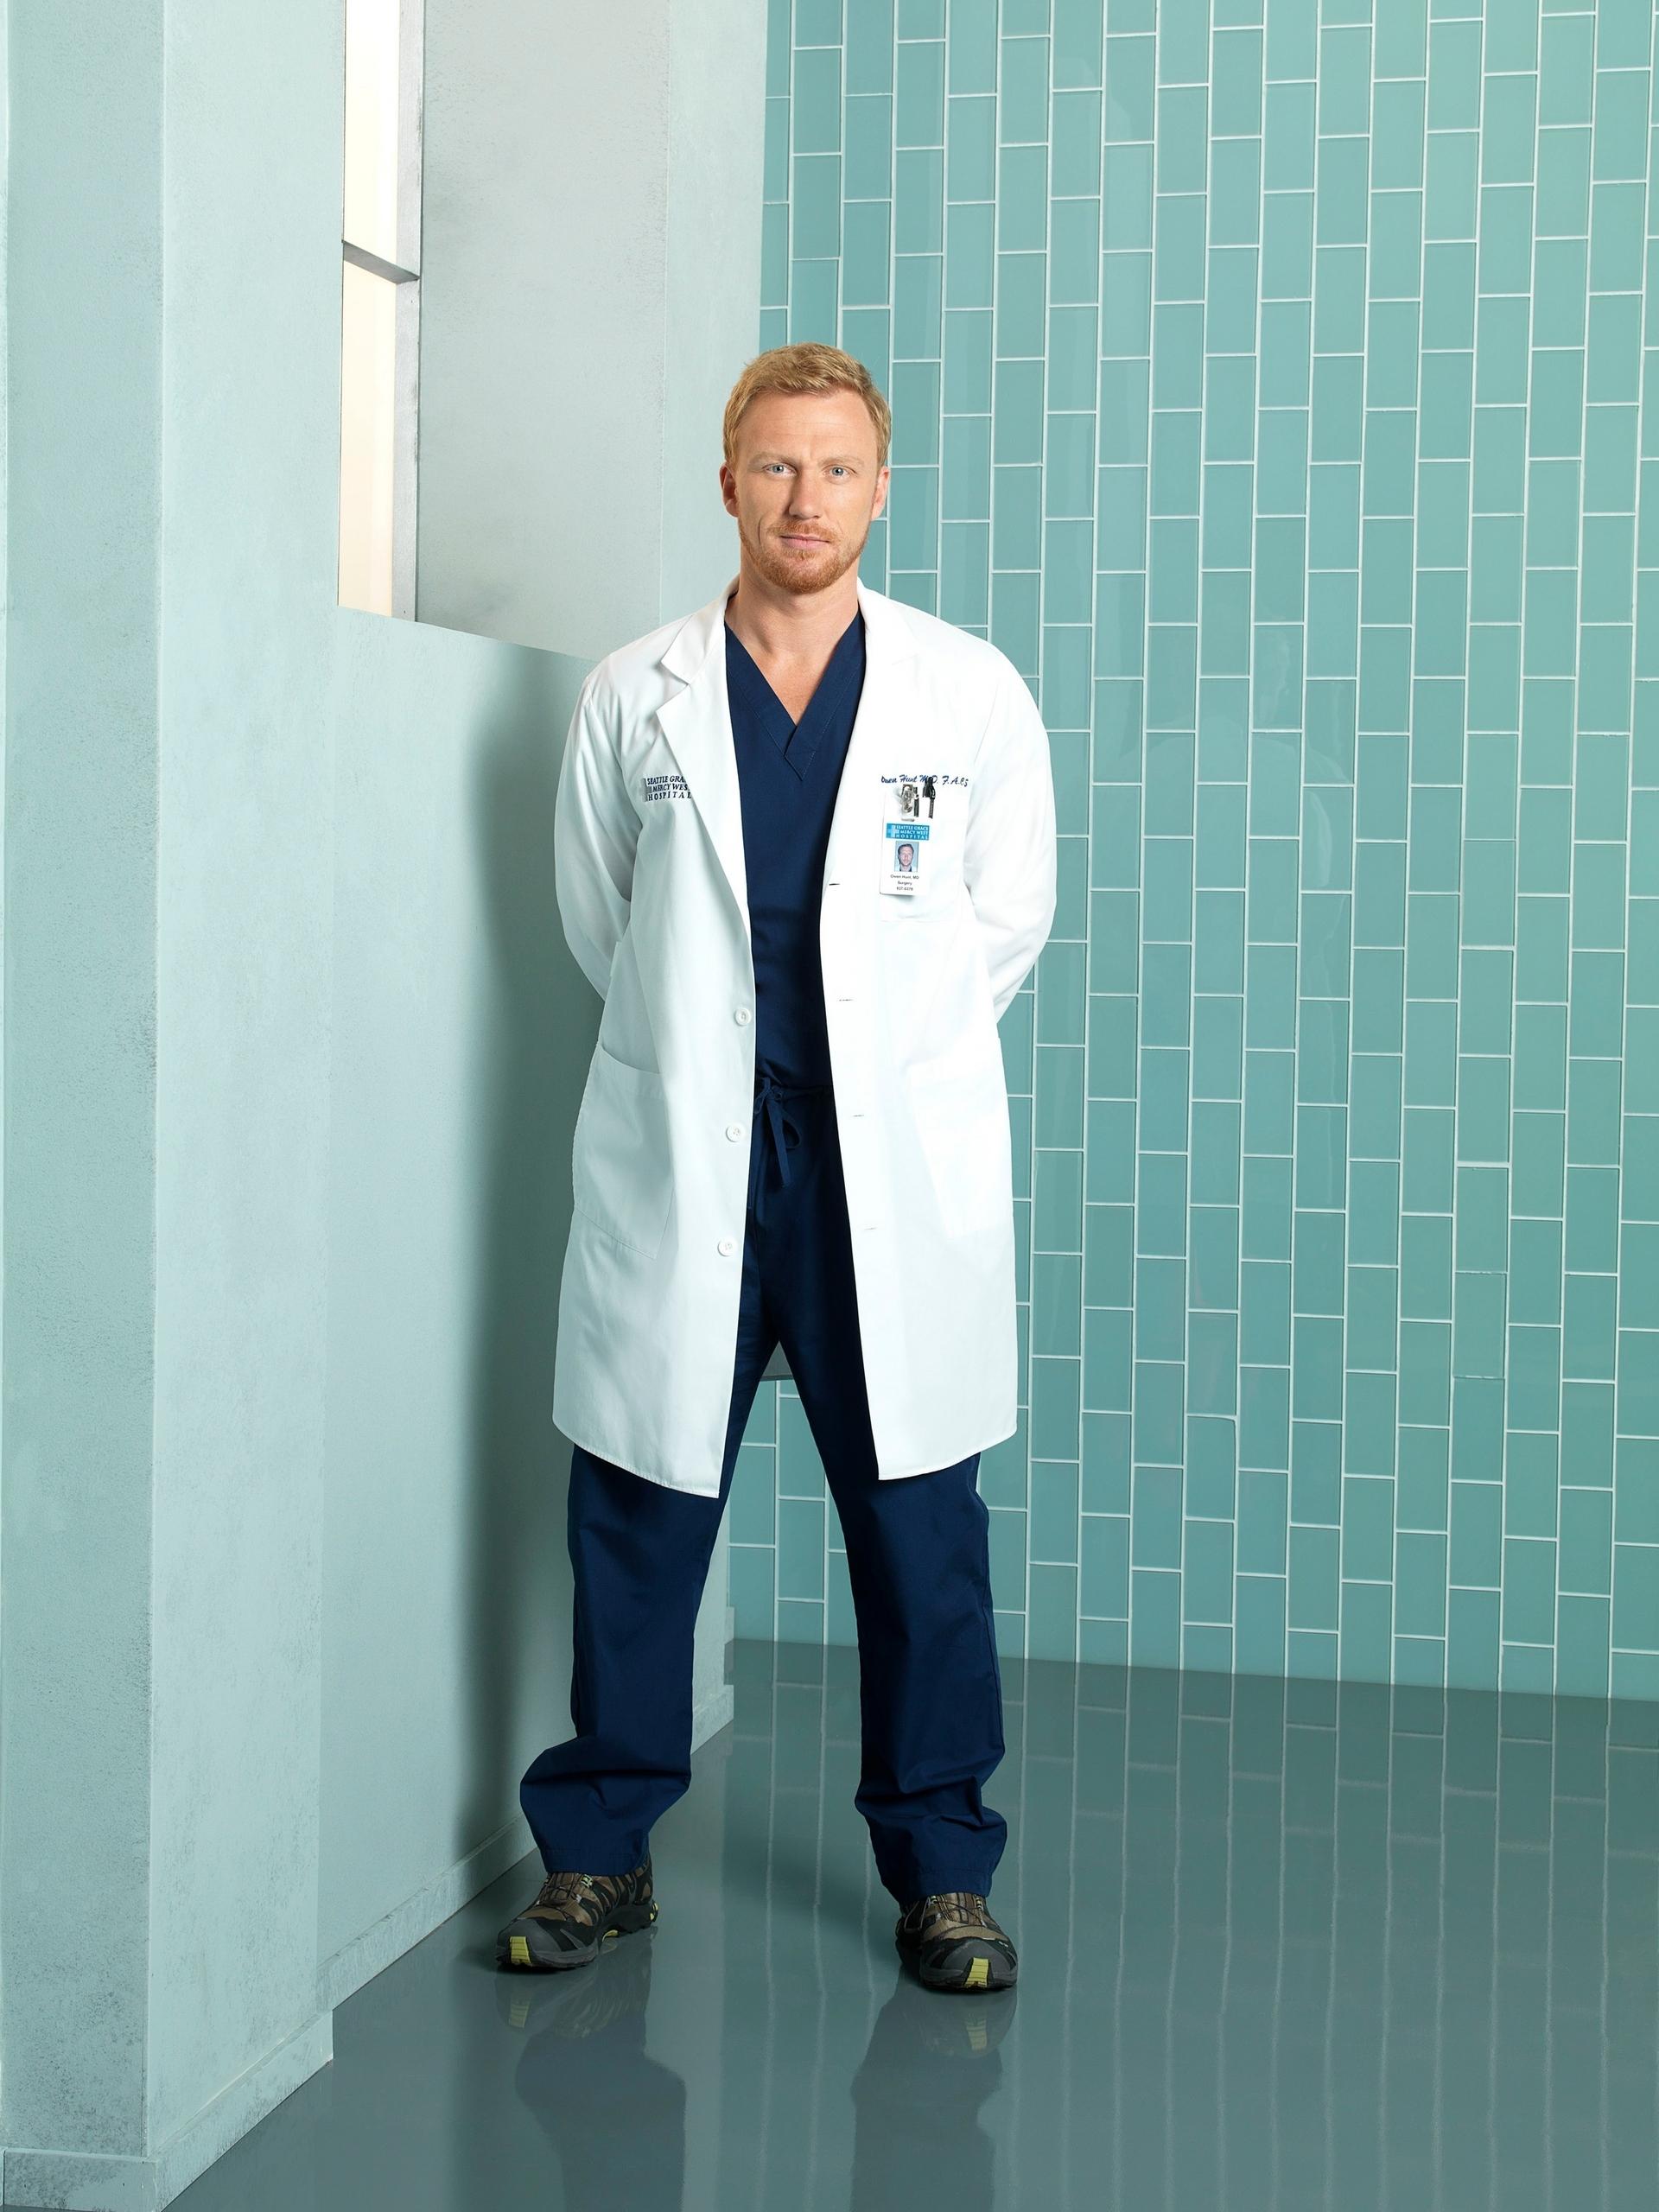 Image Season 7 Cast Promo Photos Greys Anatomy 17220285 1920 2560